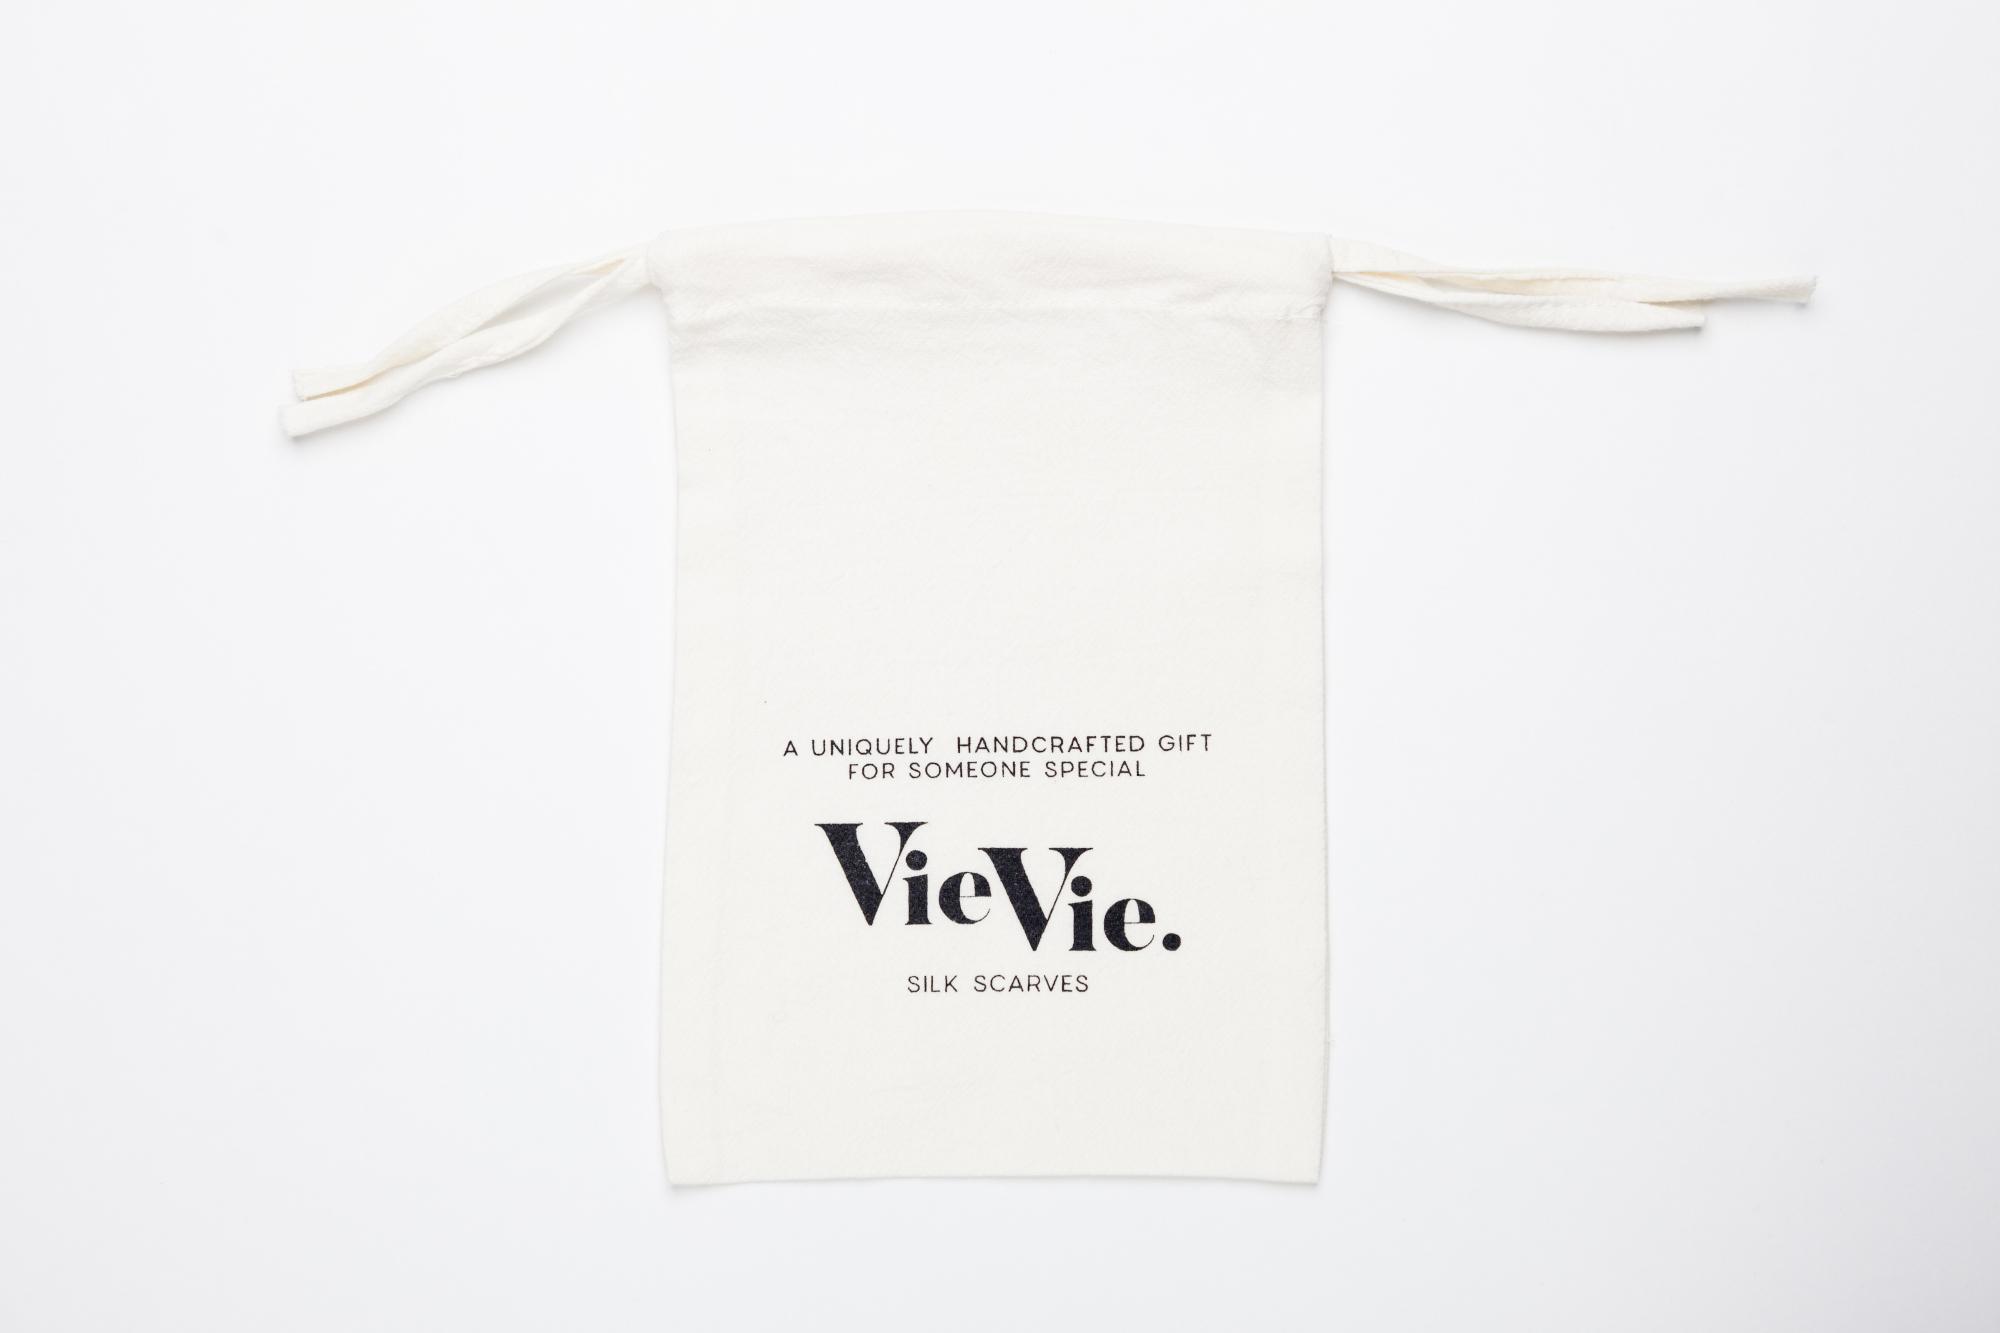 geschenkbeutel-vievie-designs